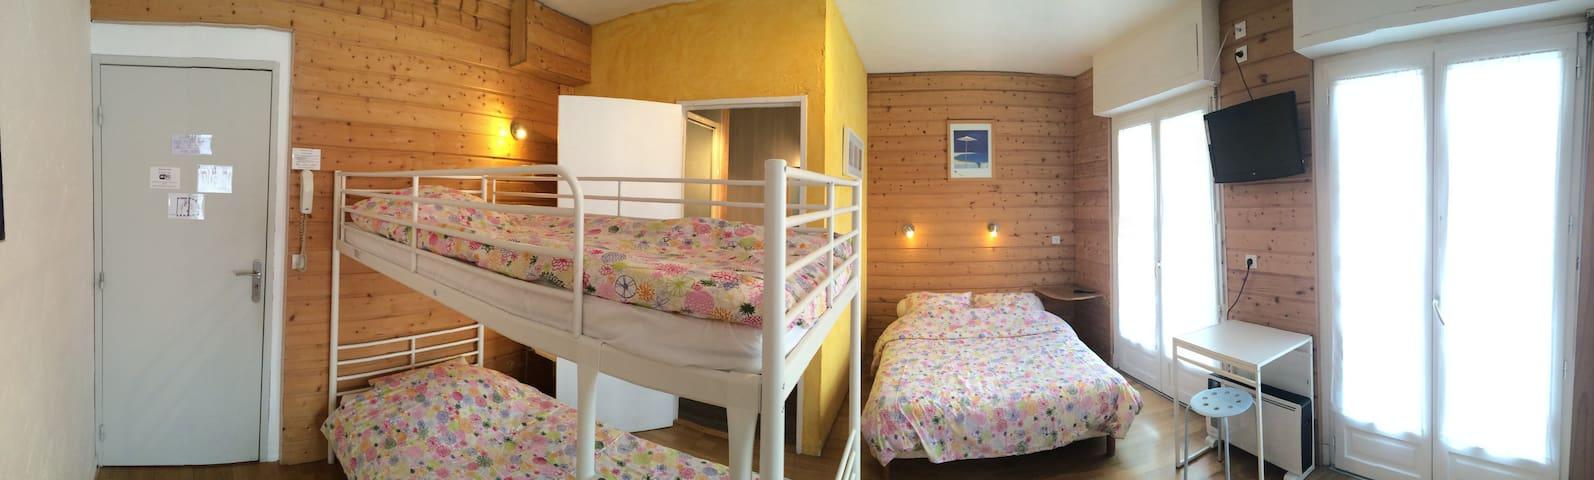 CHAMBRE DE CHARME - Luz-Saint-Sauveur - Bed & Breakfast